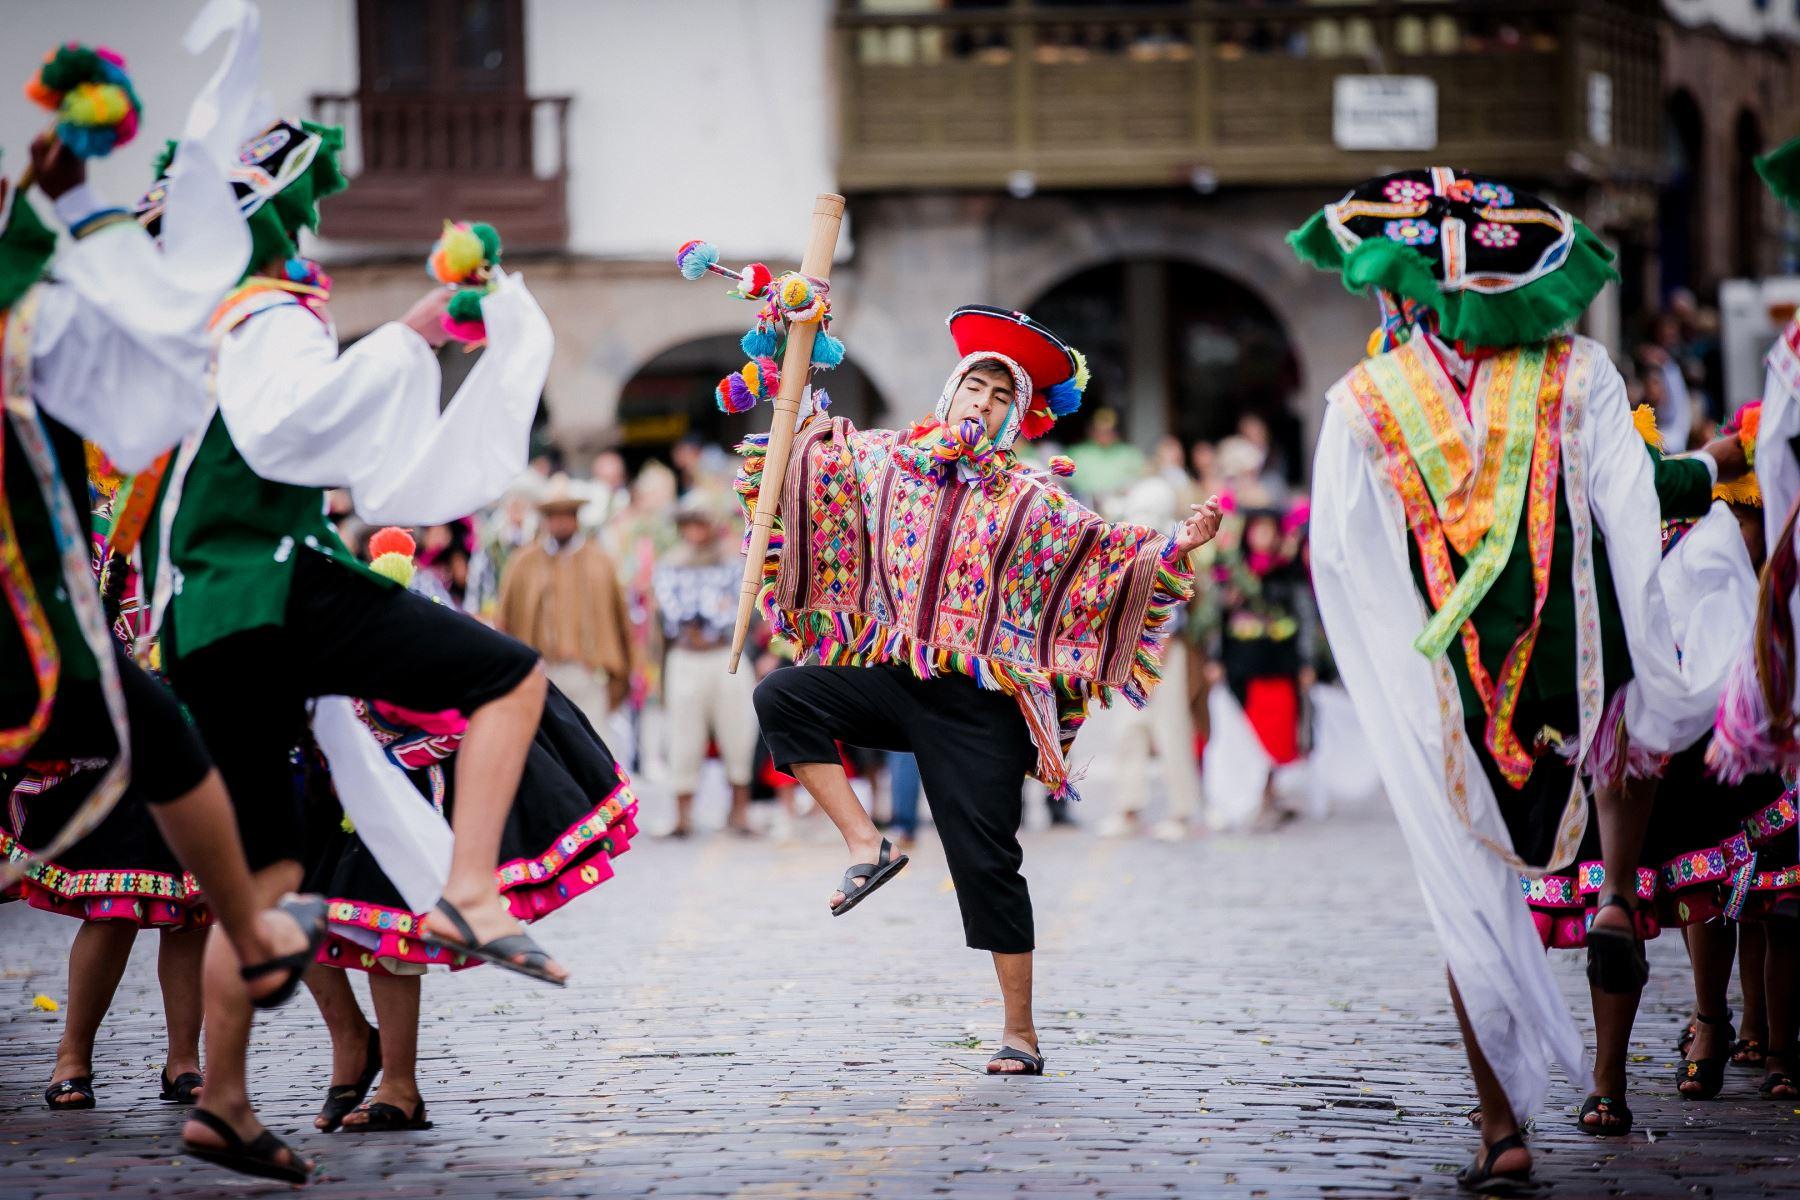 Cada 24 de junio el Cusco se viste de gala para rendir homenaje al Sol —dios supremo en la cultura Inca—. El sonido de los pututos, los danzarines provenientes de los cuatro suyos. Foto: ANDINA/EMUFEC